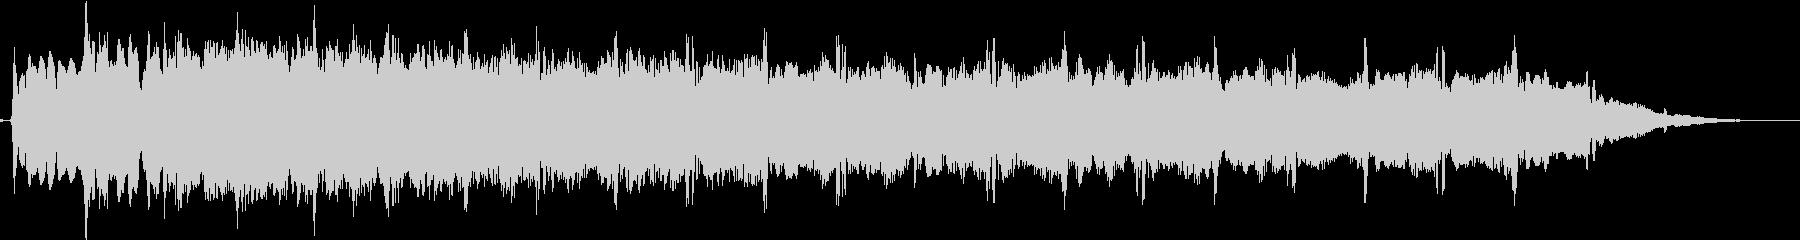 ピューン:異次元へワープする音3の未再生の波形